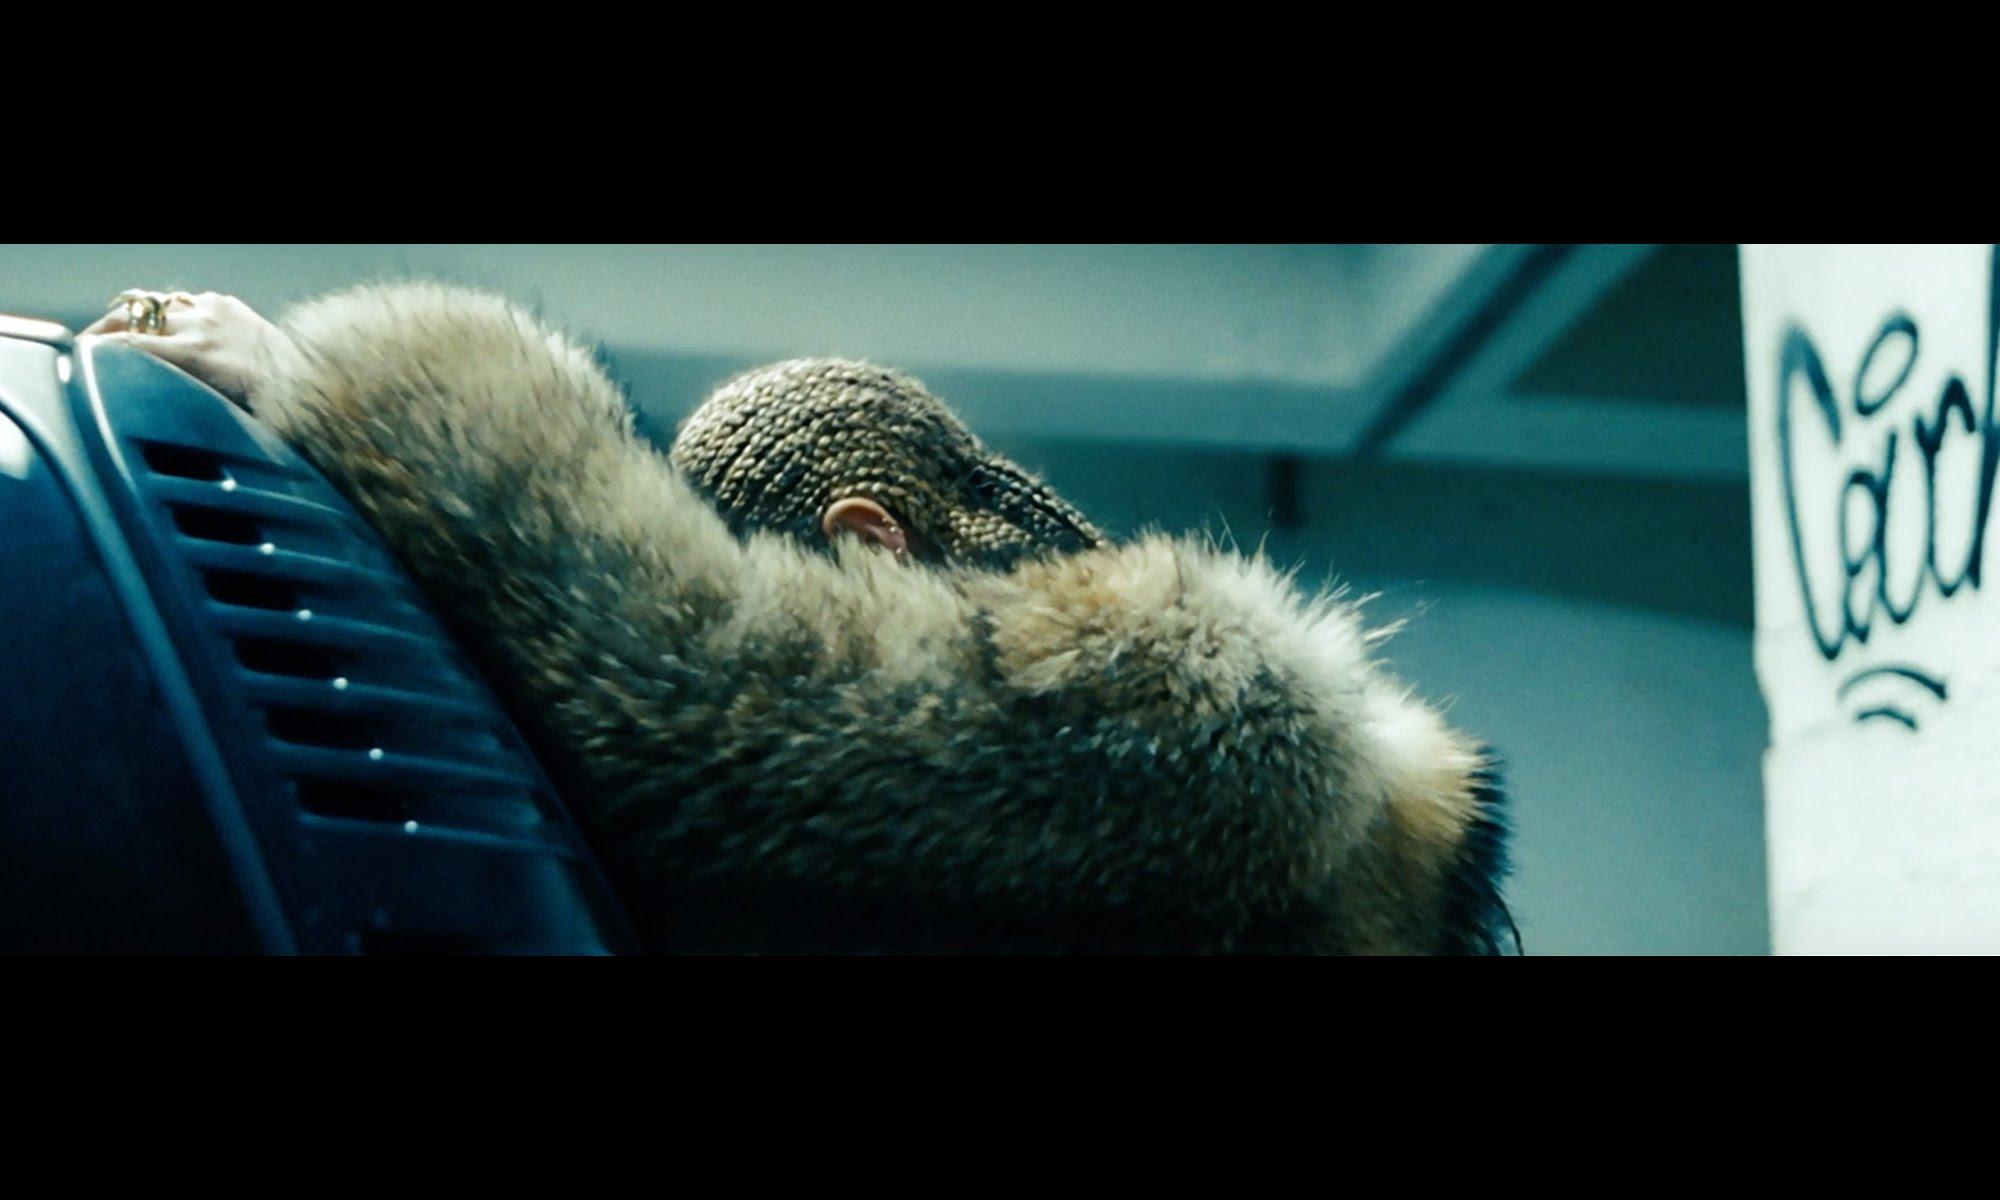 """Recenzja płyty: Beyoncé, """"Lemonade"""" - kwaśnosłodko » Aktivist Beyonce Lemonade"""